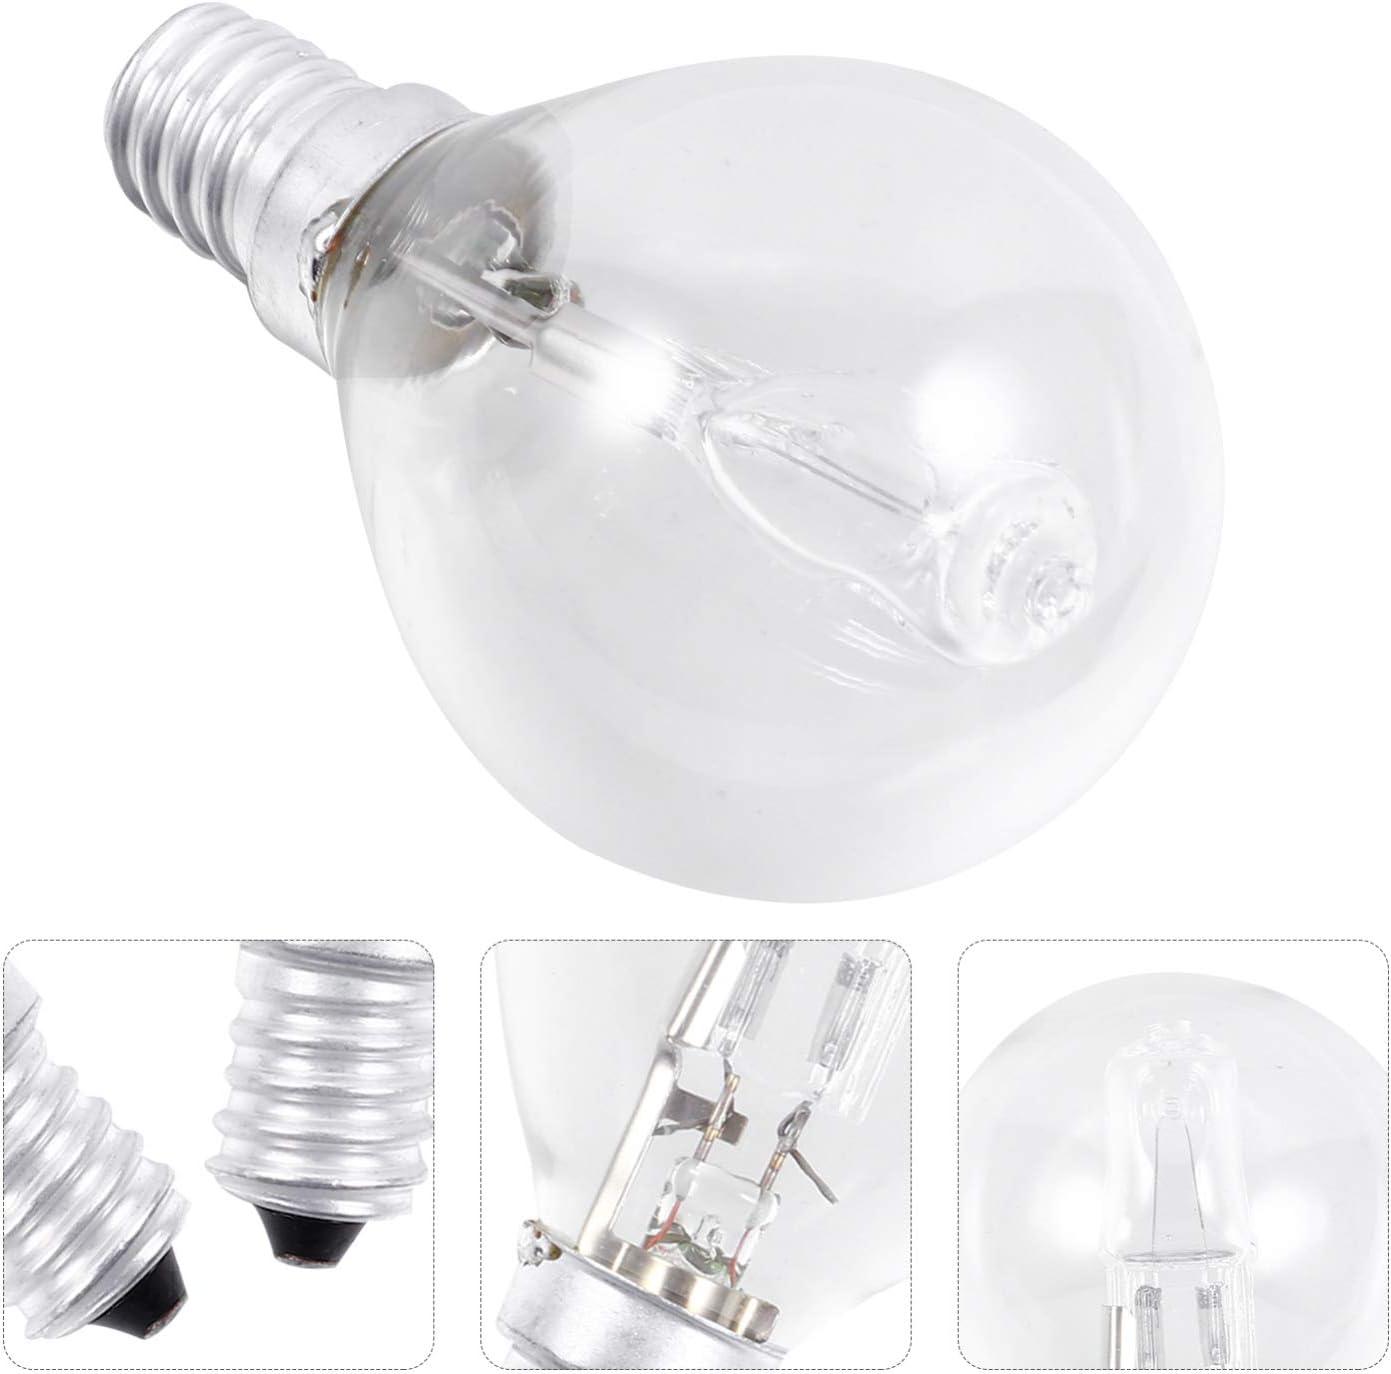 SOLUSTRE 2Pcs E14 Ampoules de Four /à Micro-Ondes Ampoules /à Haute R/ésistance /à Haute Temp/érature Ampoules /à Incandescence Tubulaires Ampoules de Remplacement pour Appareils de Cuisine